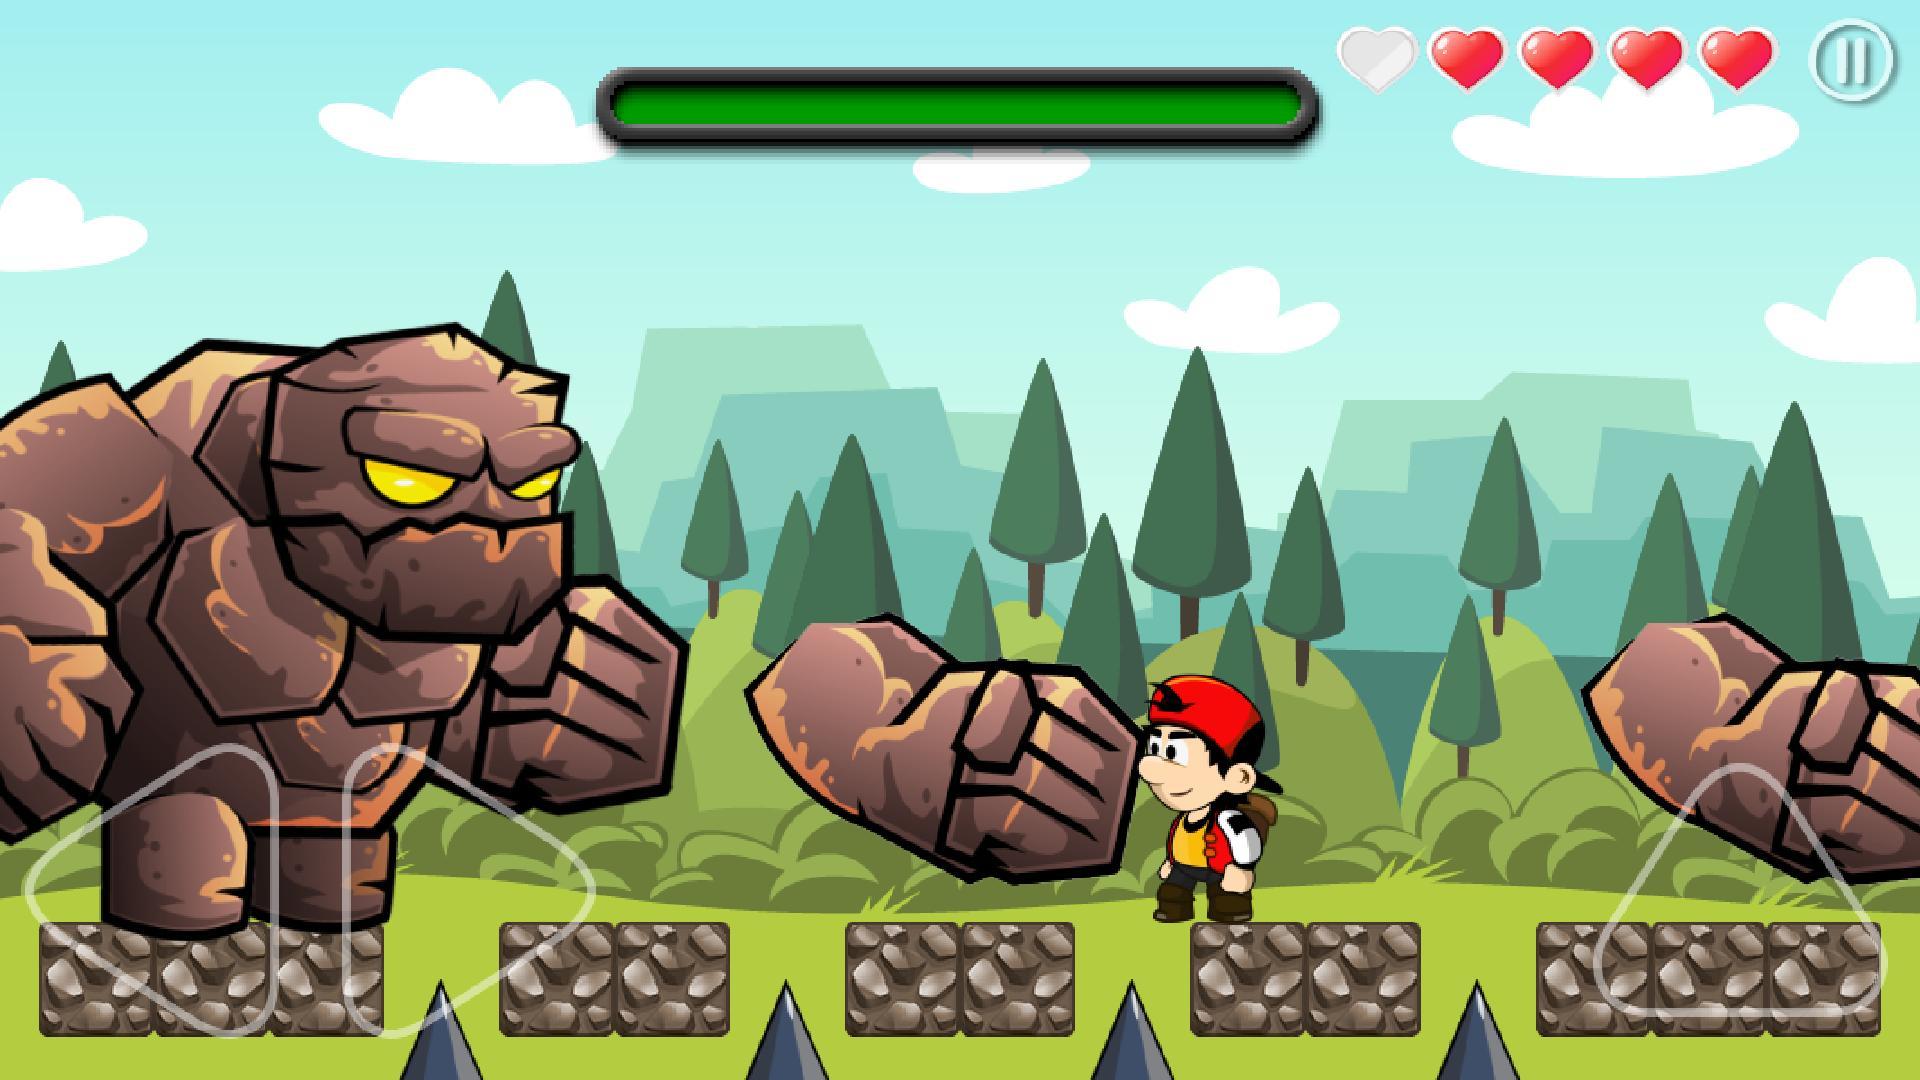 سوبر فرحان 👲 لعبة مغامرات 1.1.3 Screenshot 8